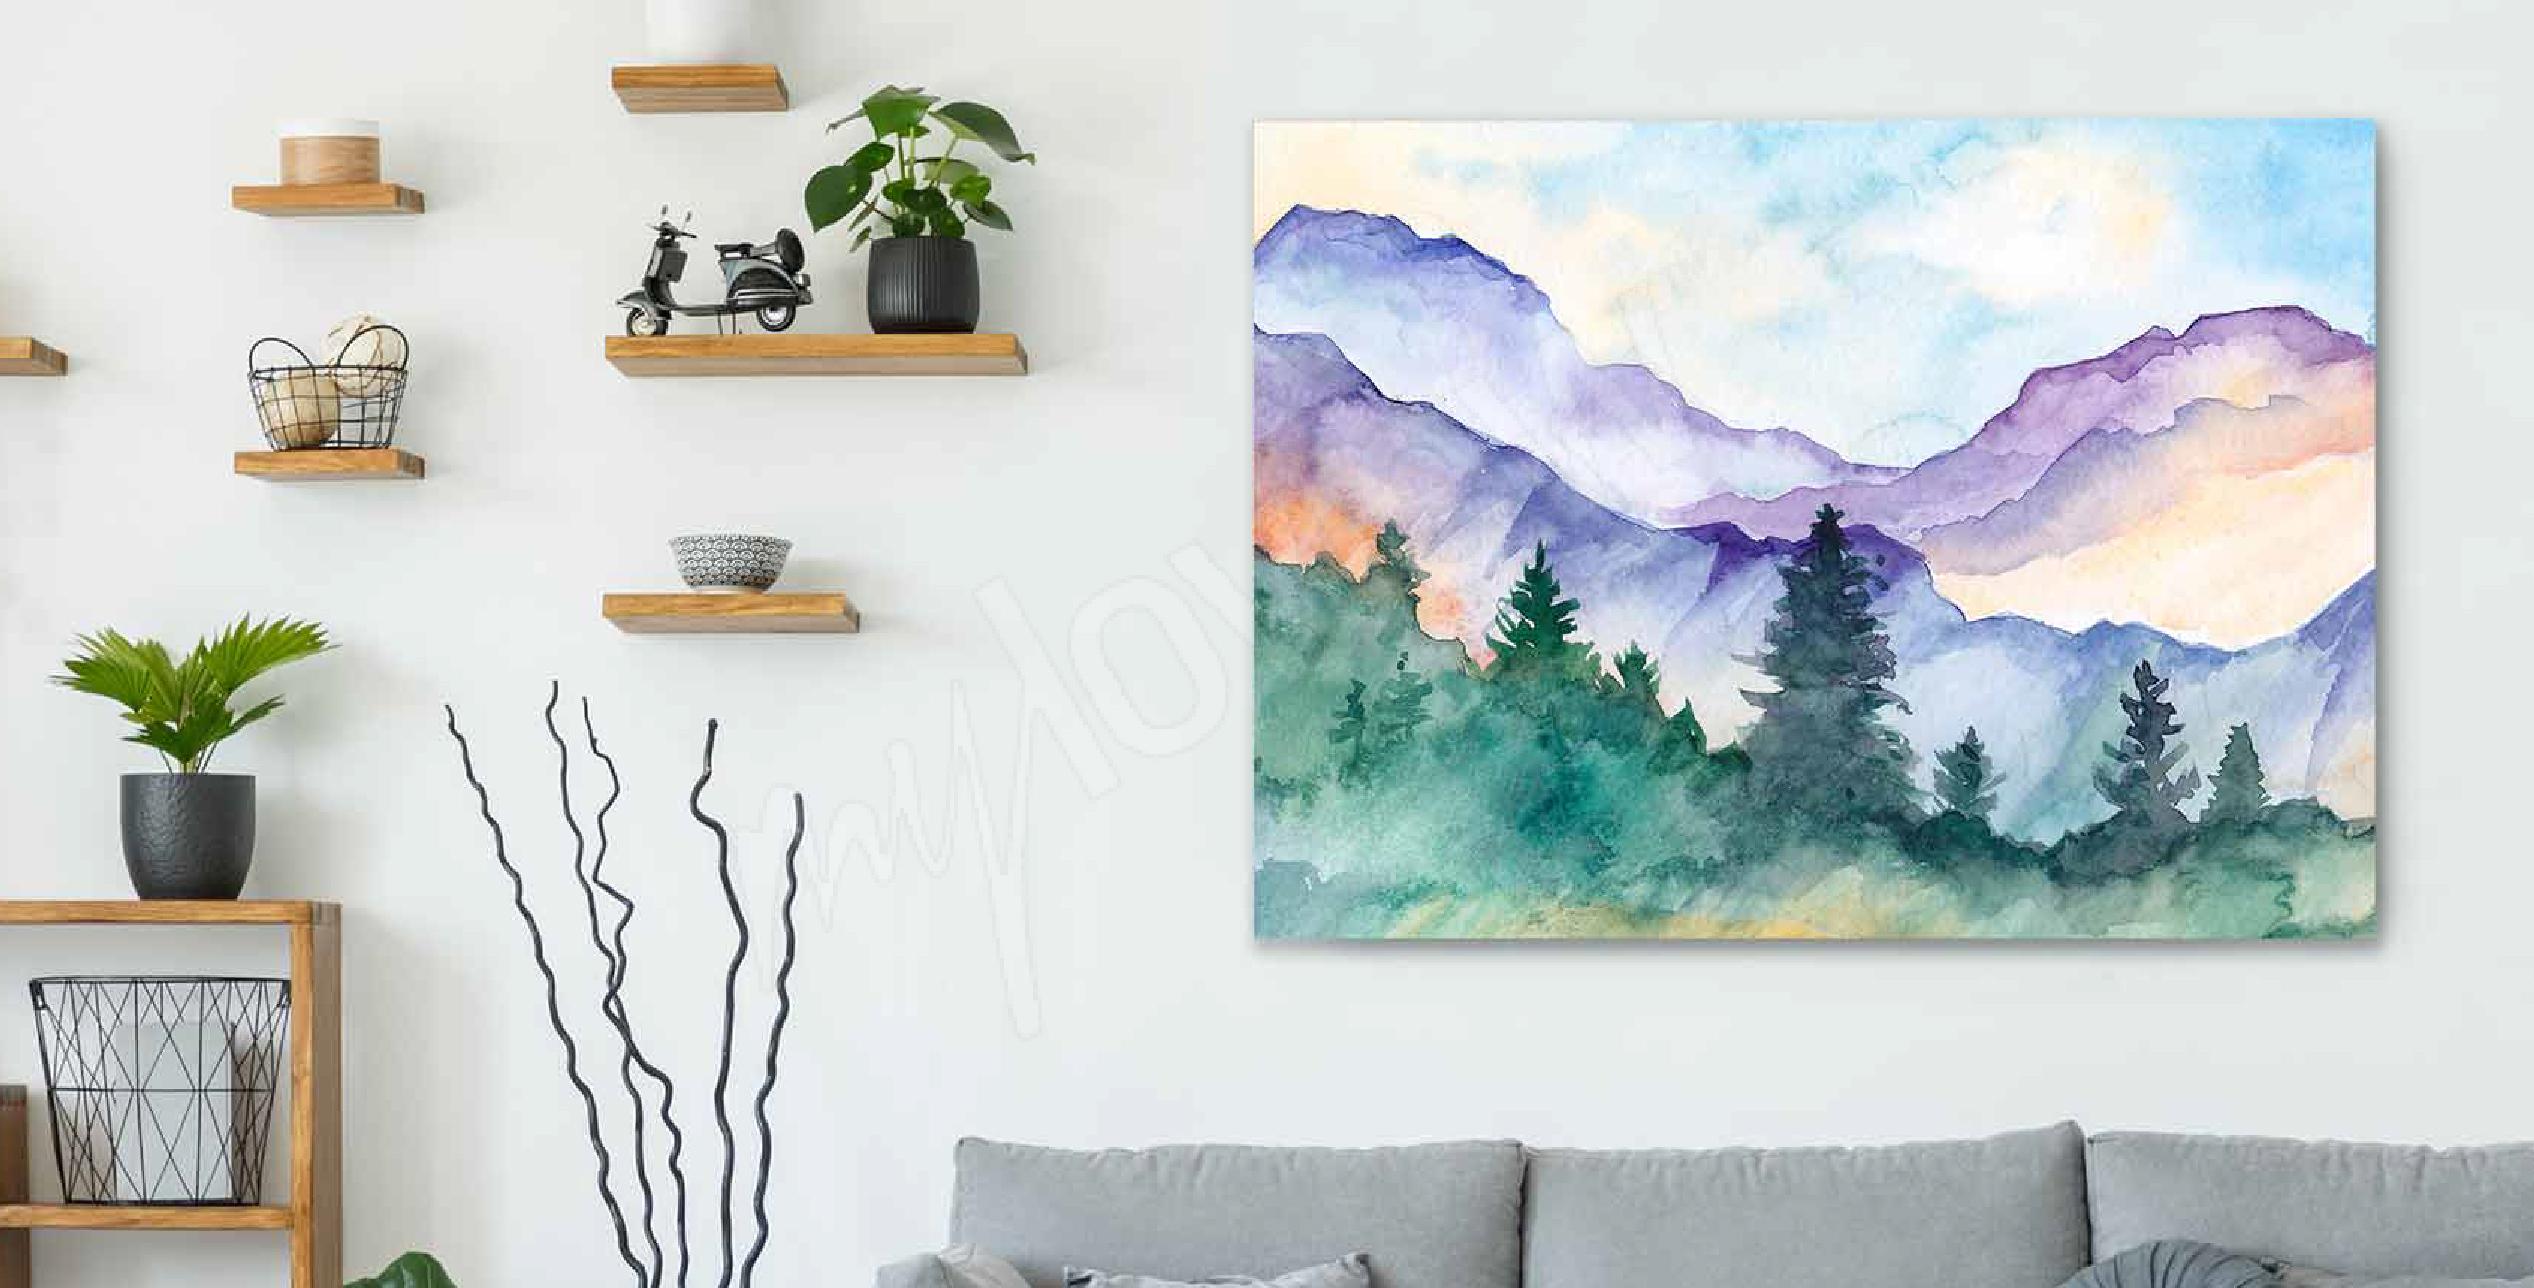 Image aquarelle paysage de montagnes